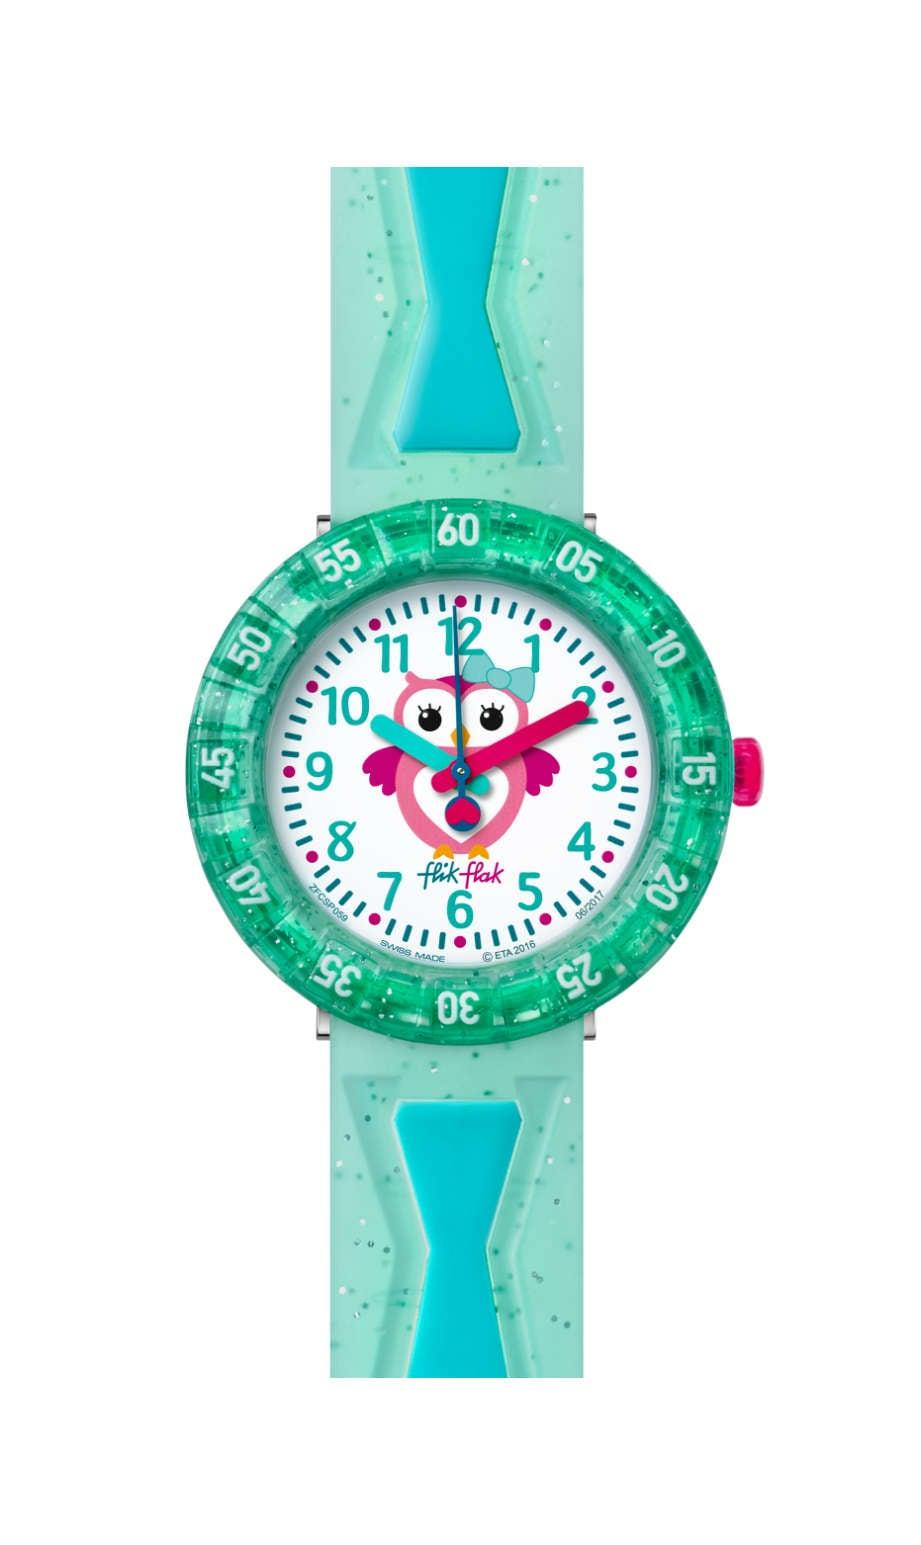 Swatch - GET MINTY - 1